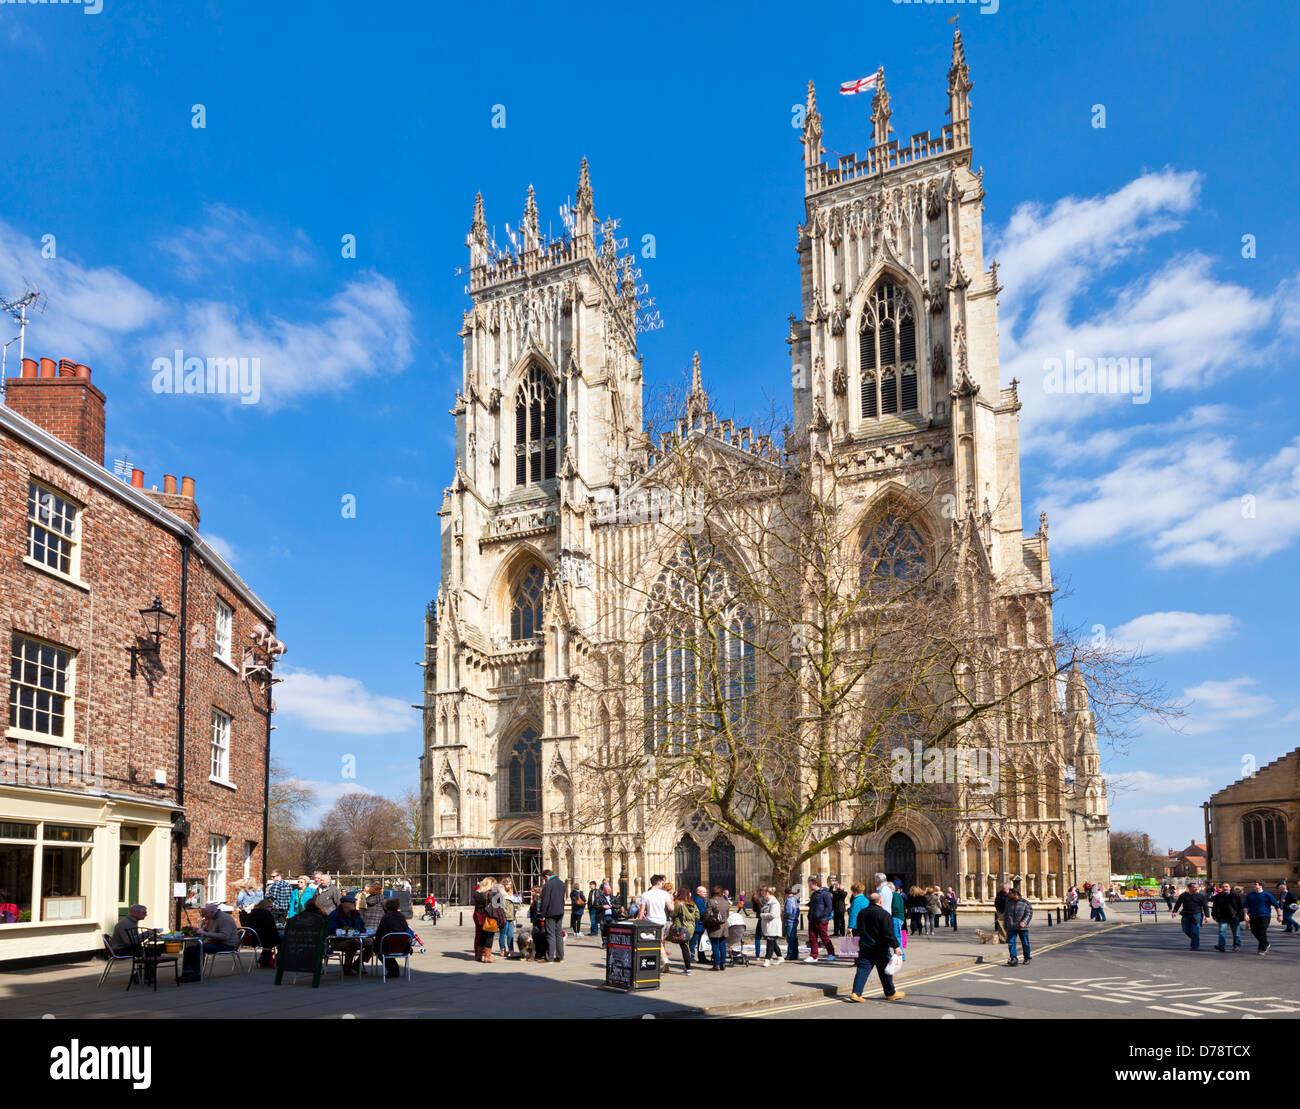 York Minster, la cathédrale gothique, la ville de York, Yorkshire, England, UK, FR, EU, Europe Photo Stock